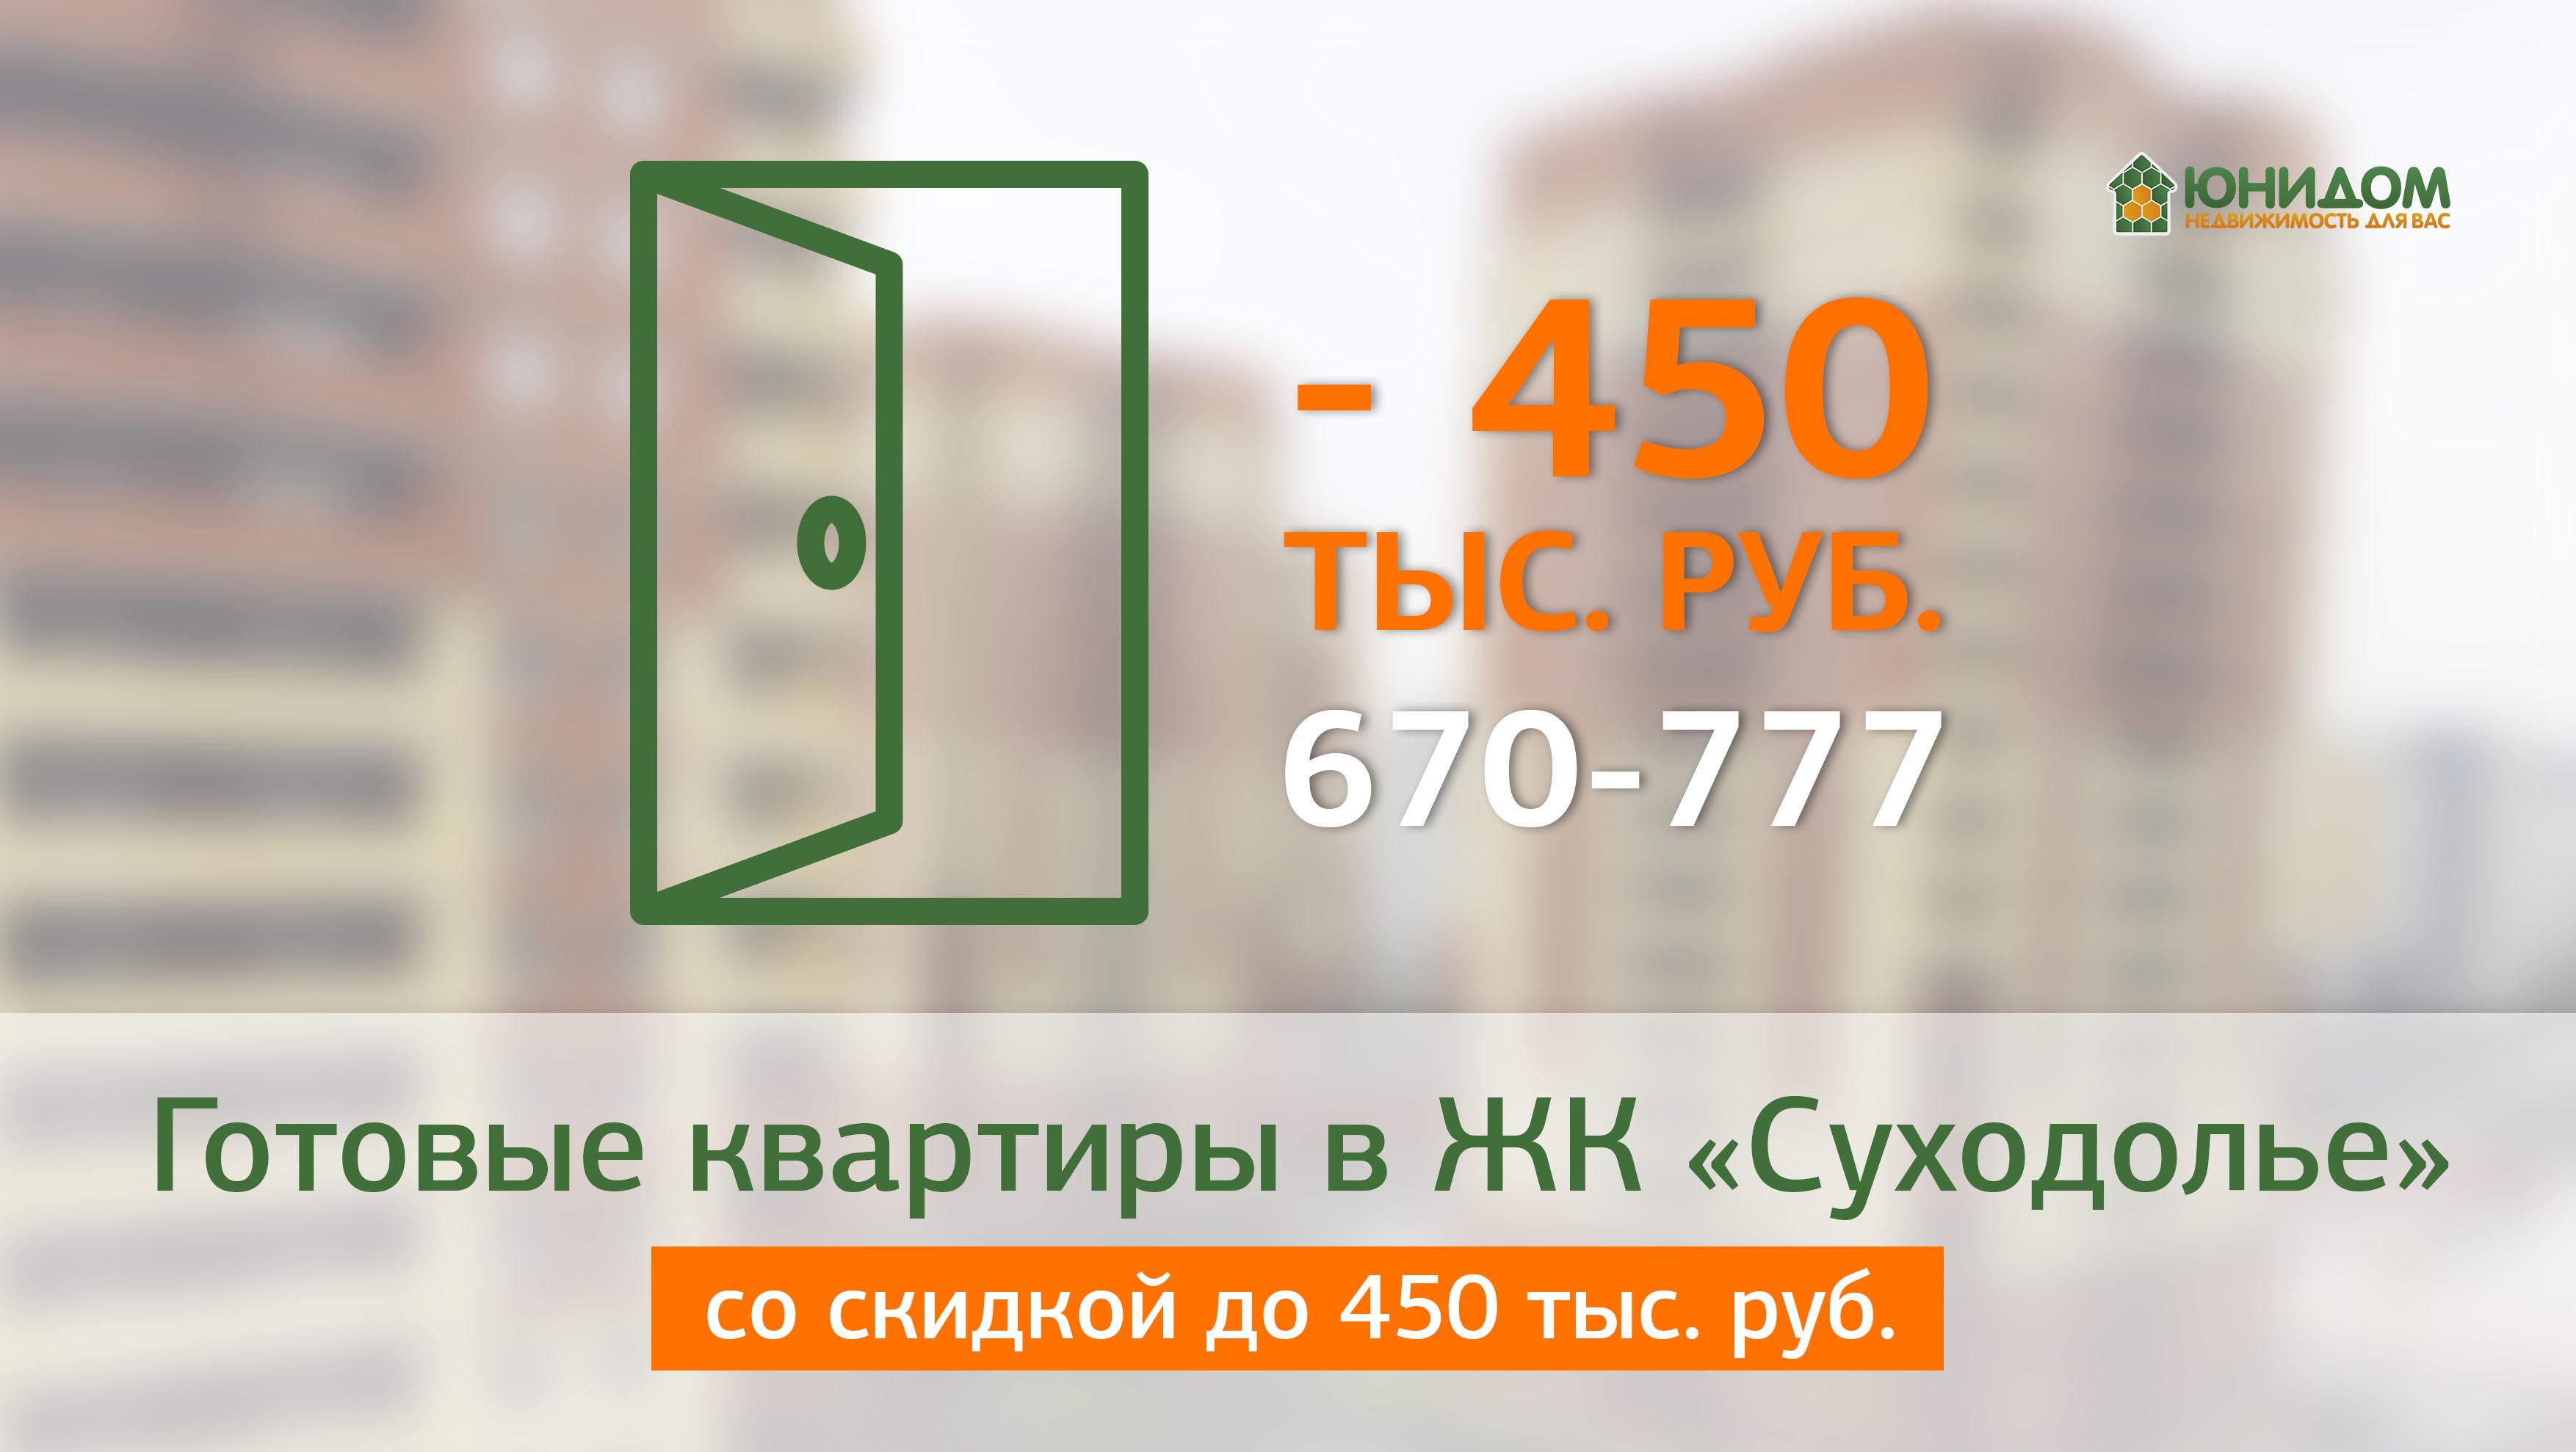 Готовые квартиры в ЖК «Суходолье» за 1760 тыс. рублей!